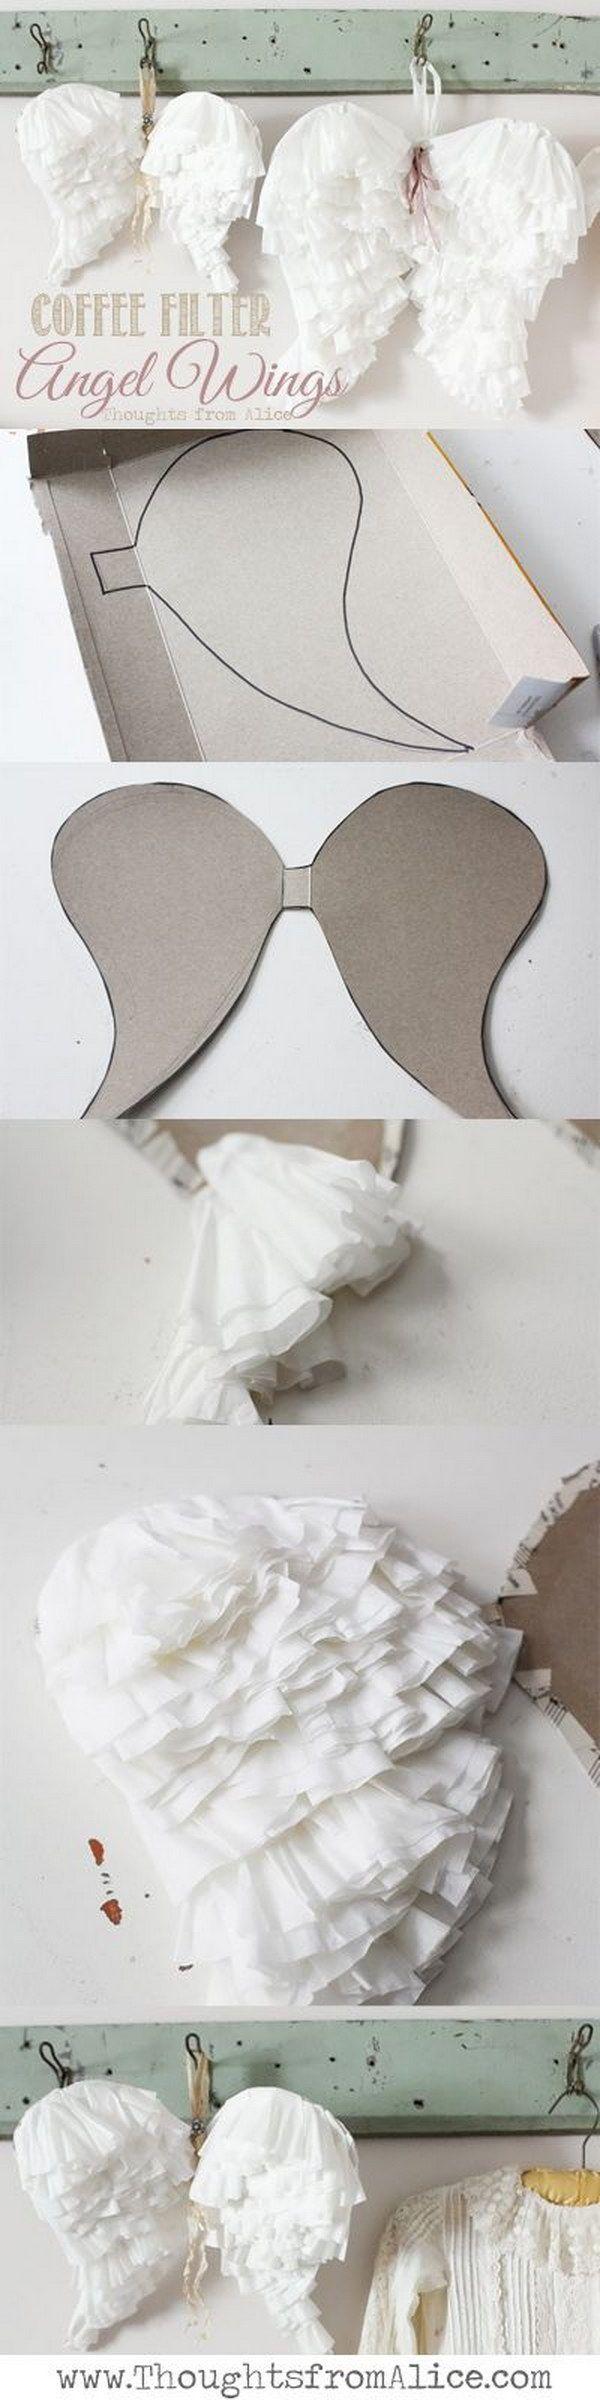 DIY Coffee Filter Angel Wings